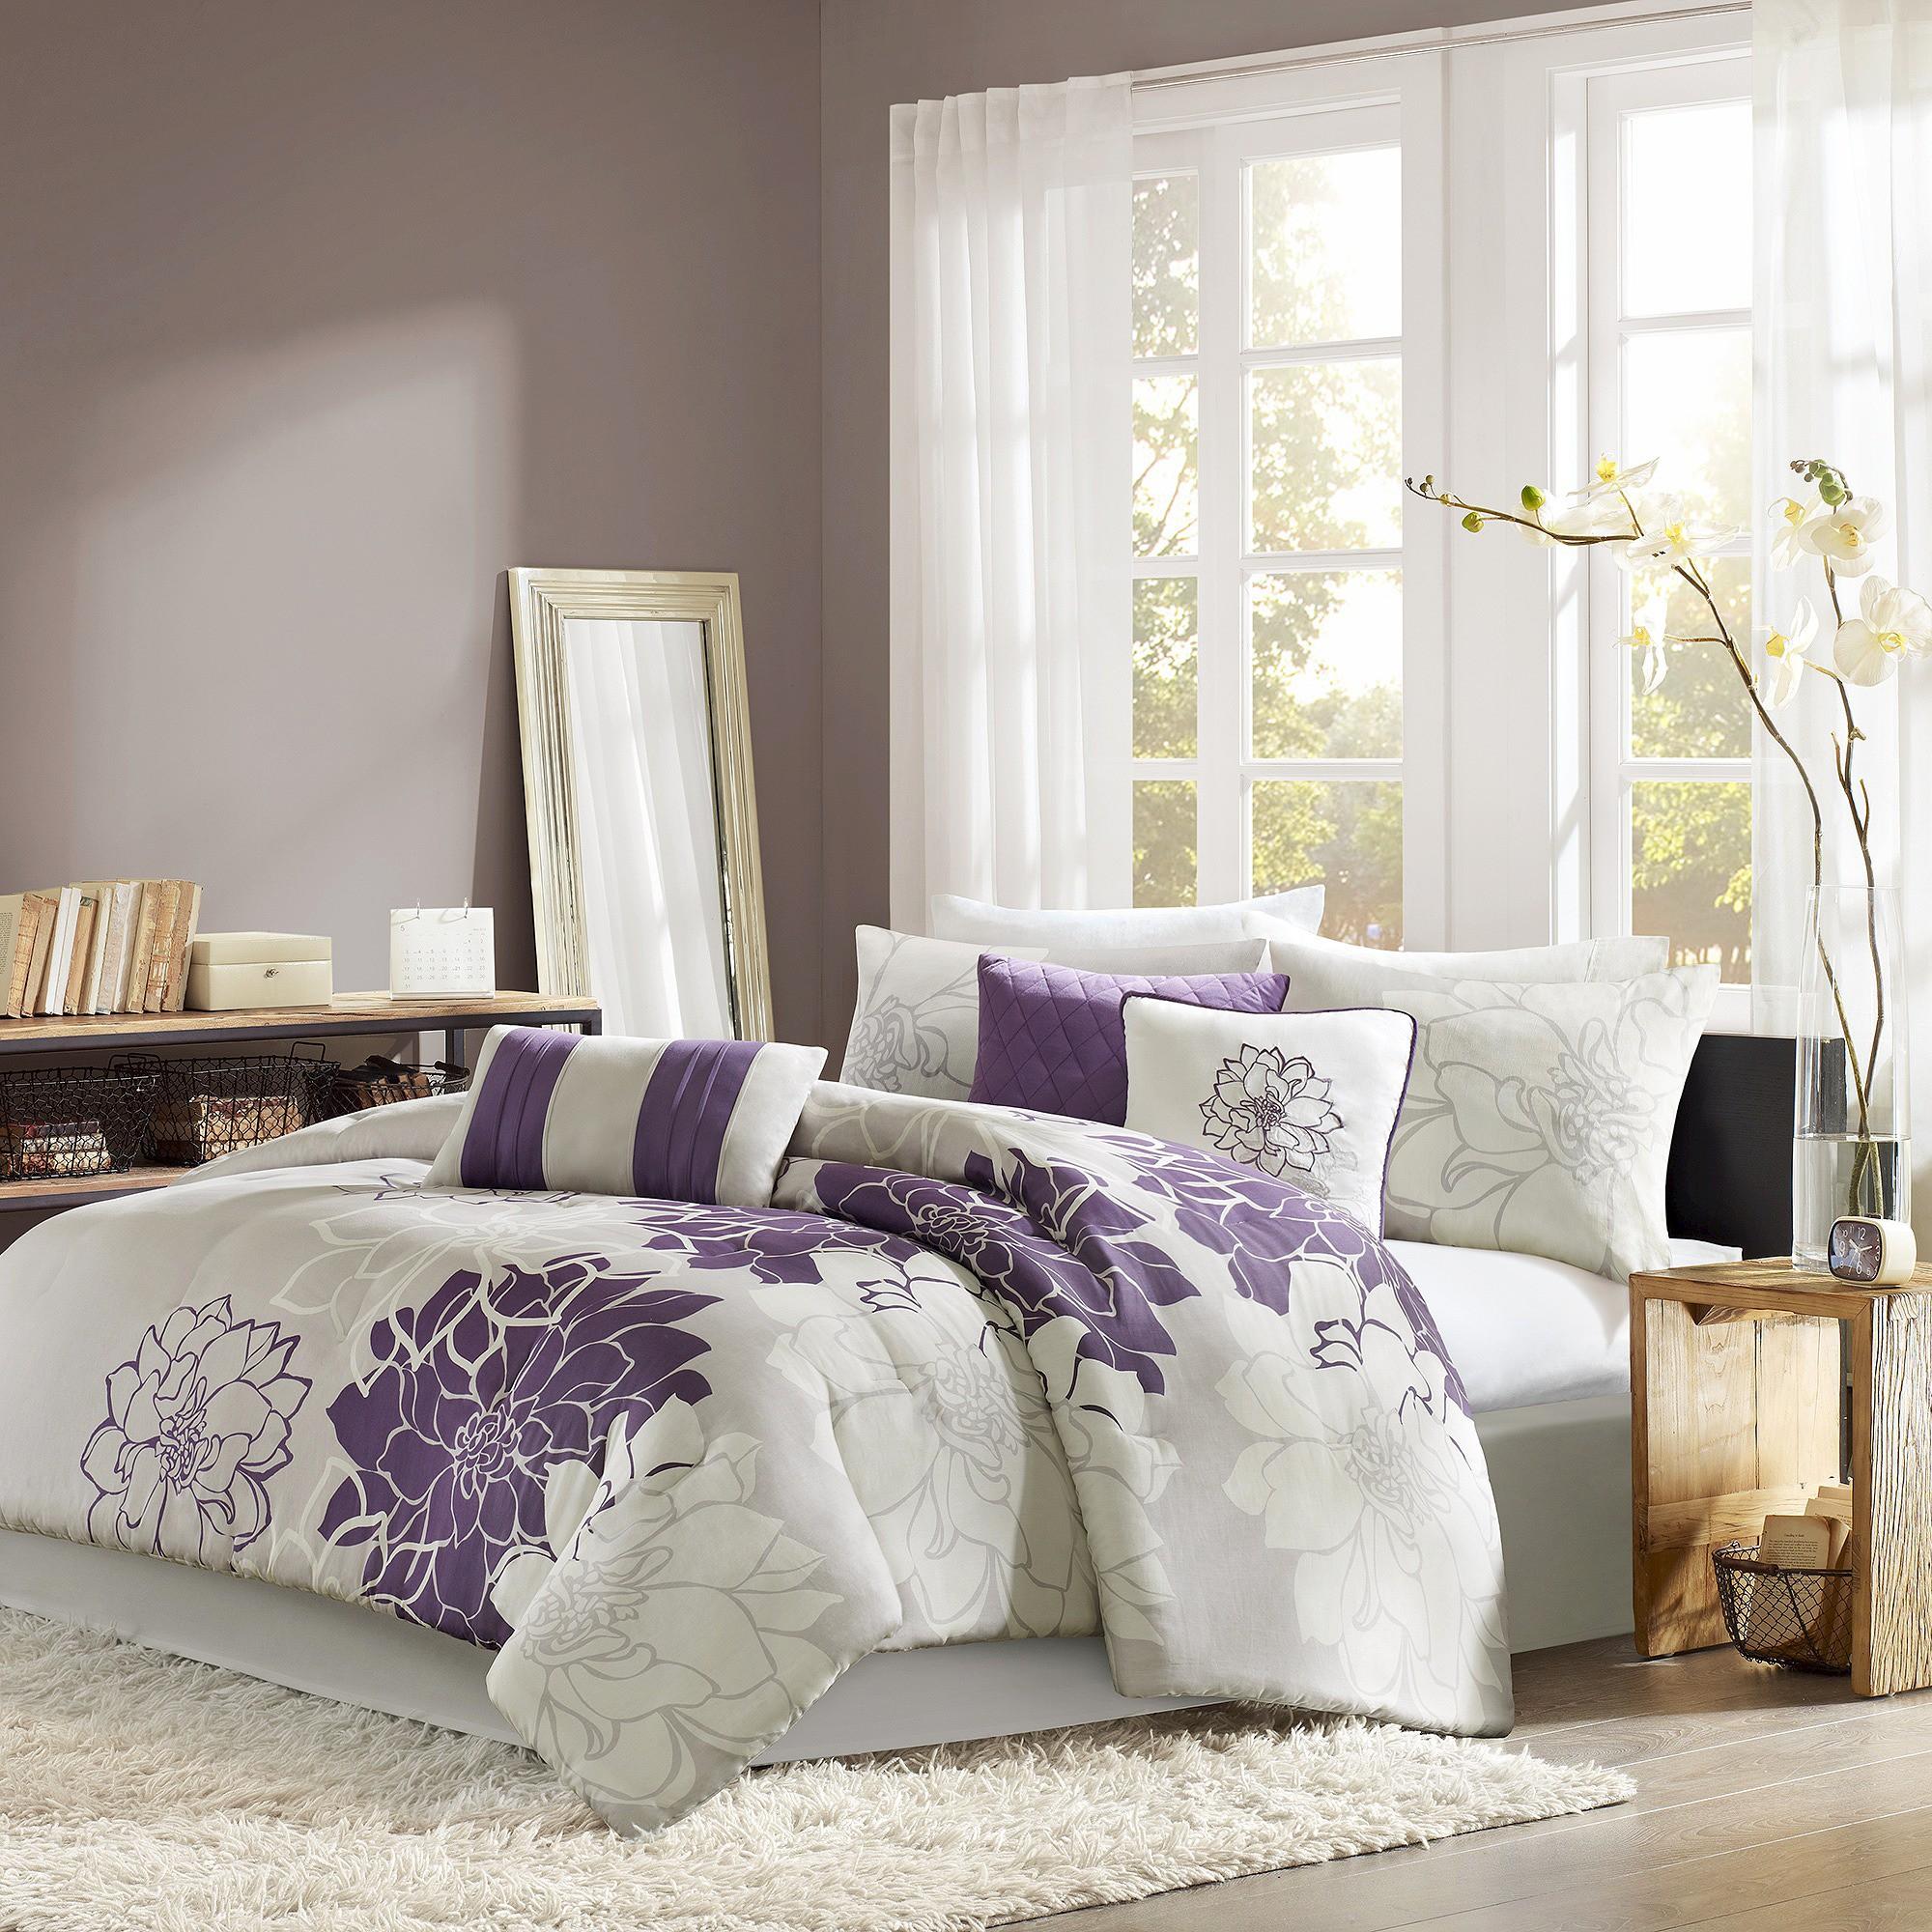 Nautica Sedgemoor Comforter & Duvet Sets Comforter sets